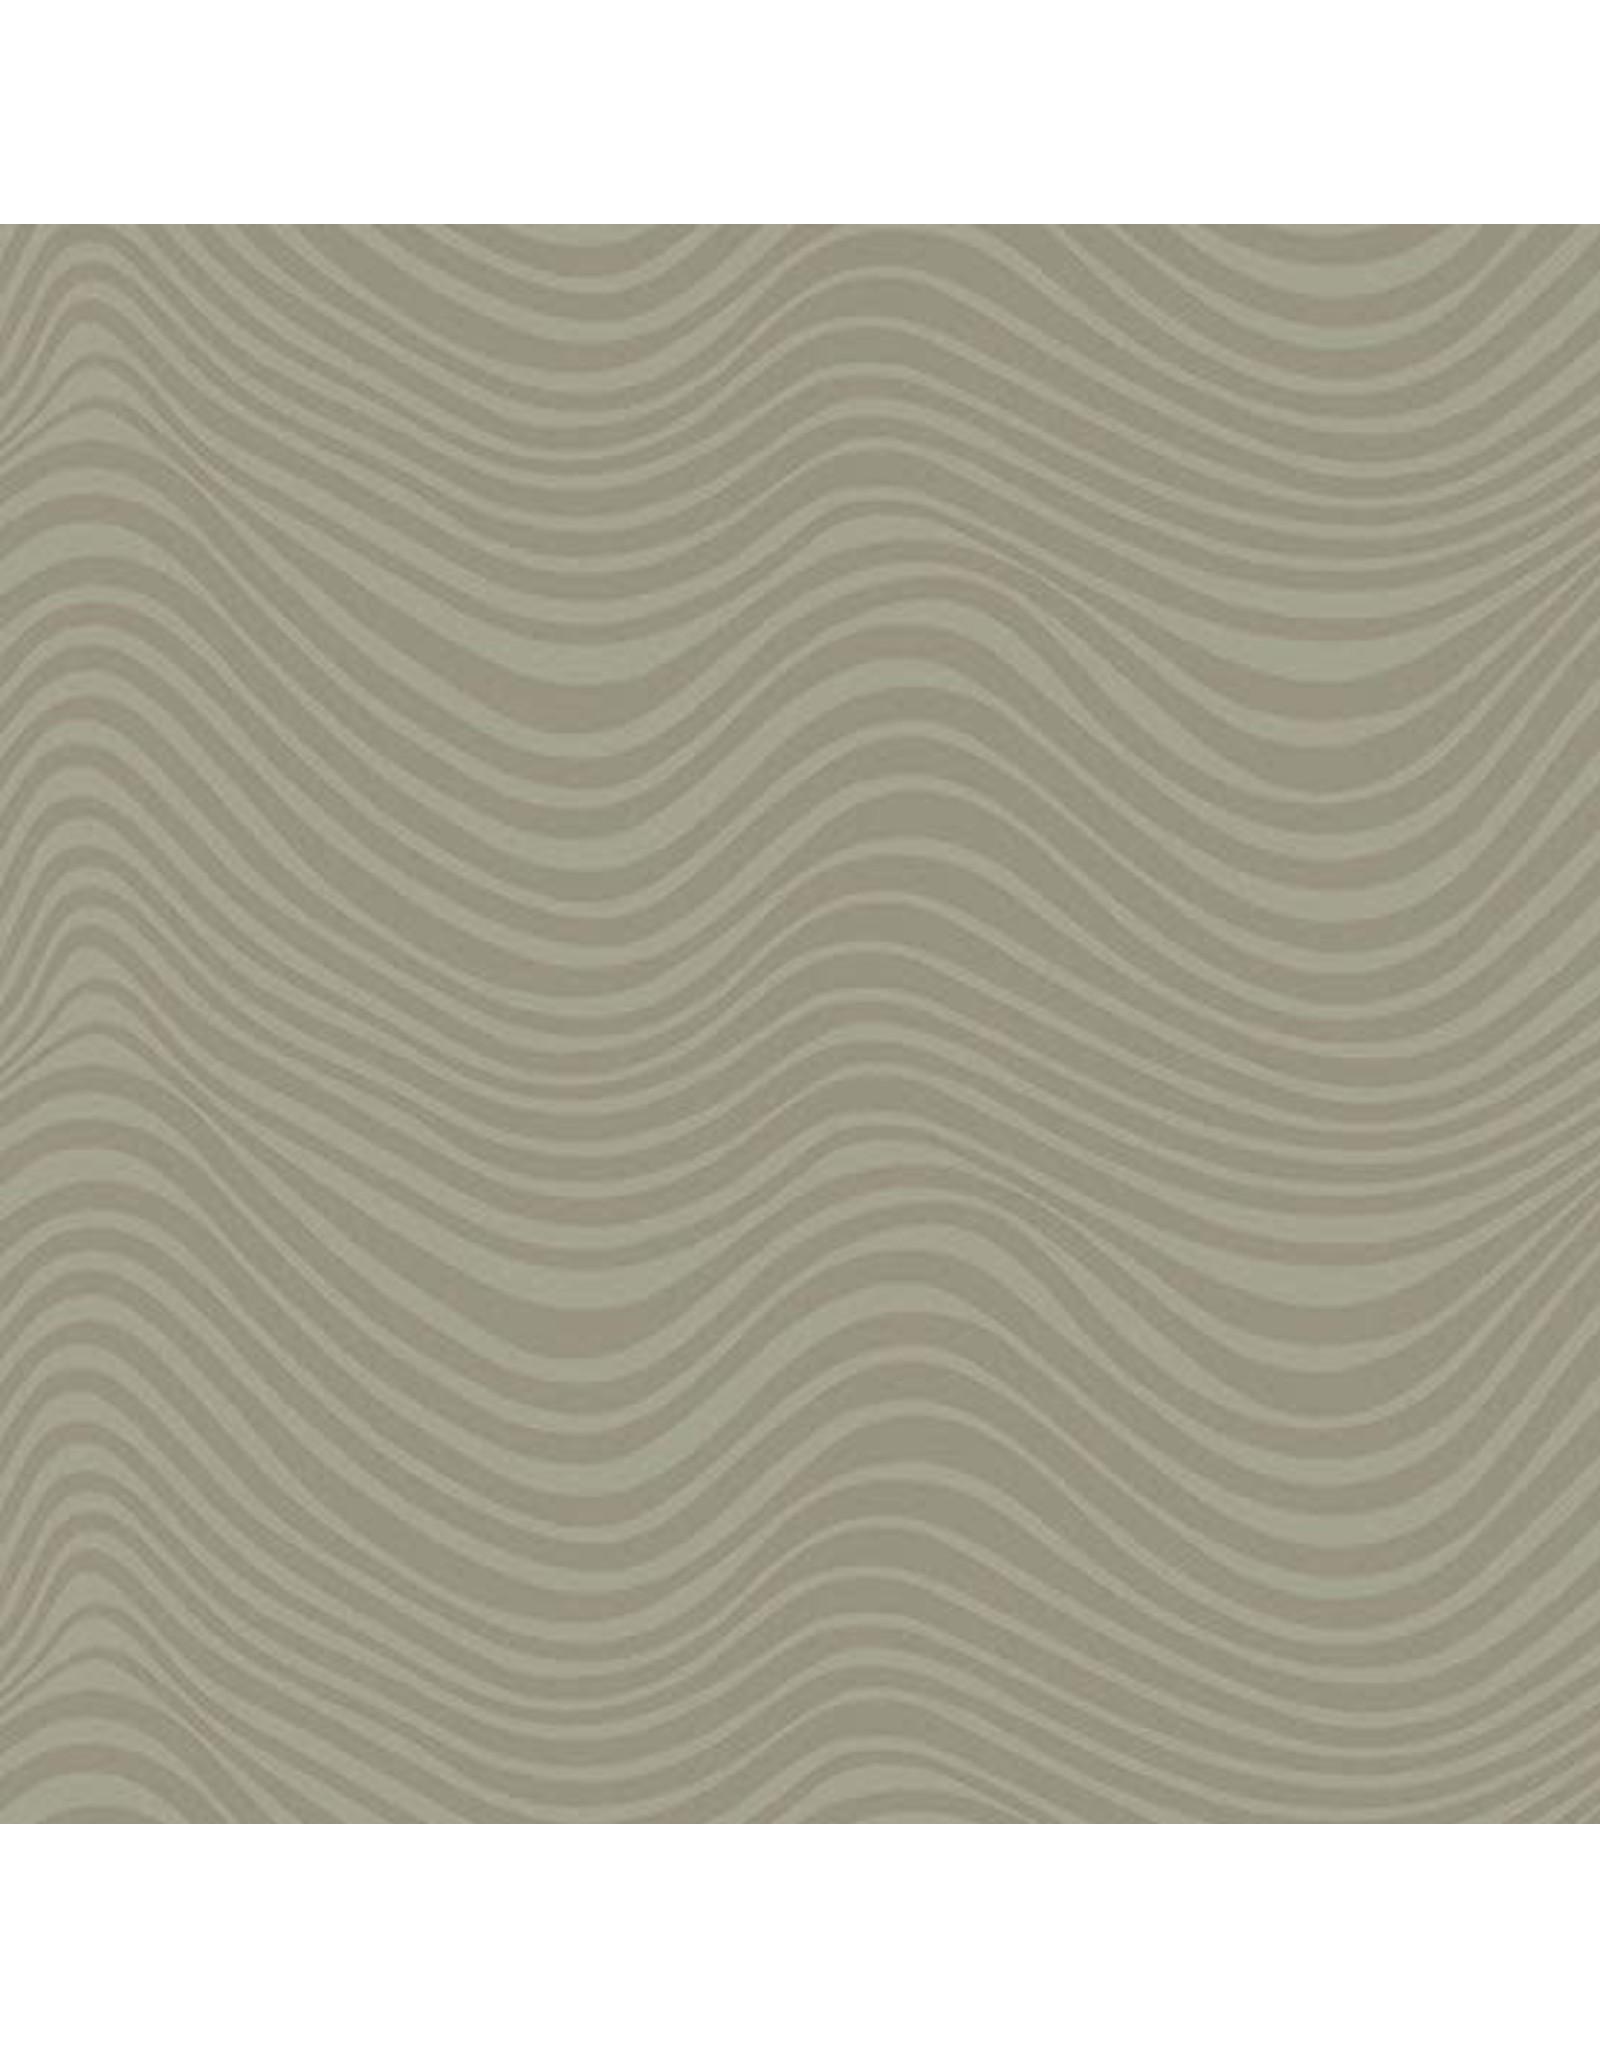 Libs Elliott Stealth, Waves in Khaki, Fabric Half-Yards A-9662-N